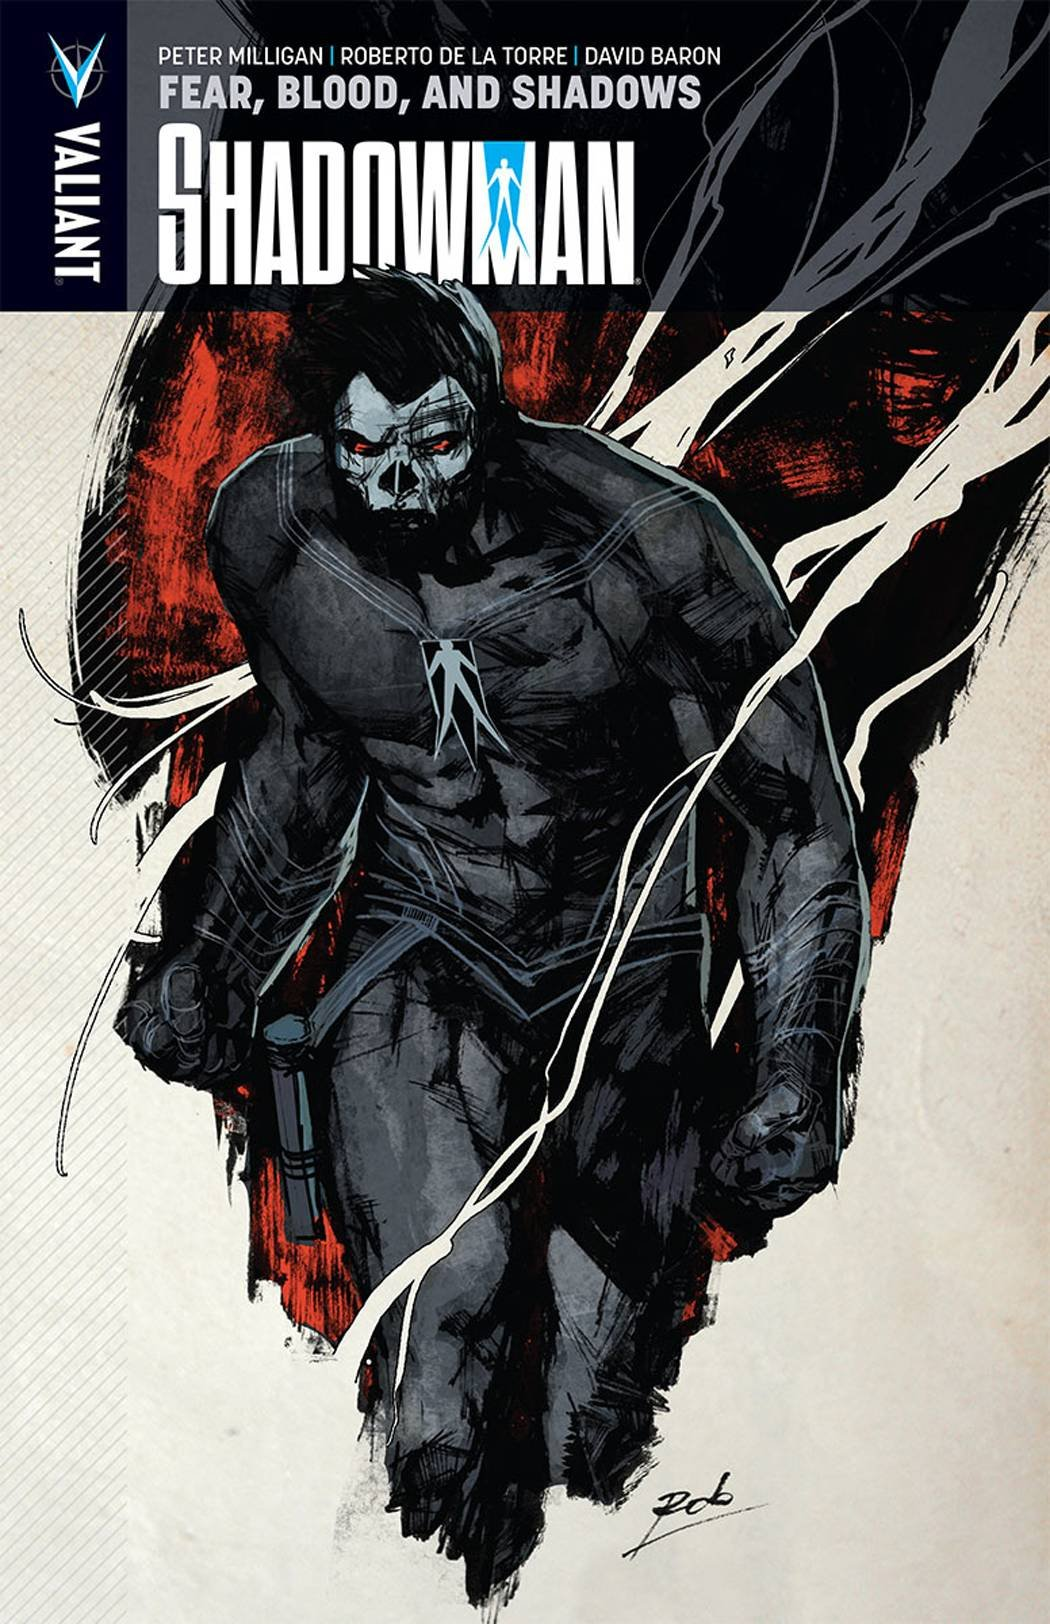 Read Online Shadowman Volume 4: Fear, Blood, and Shadows pdf epub